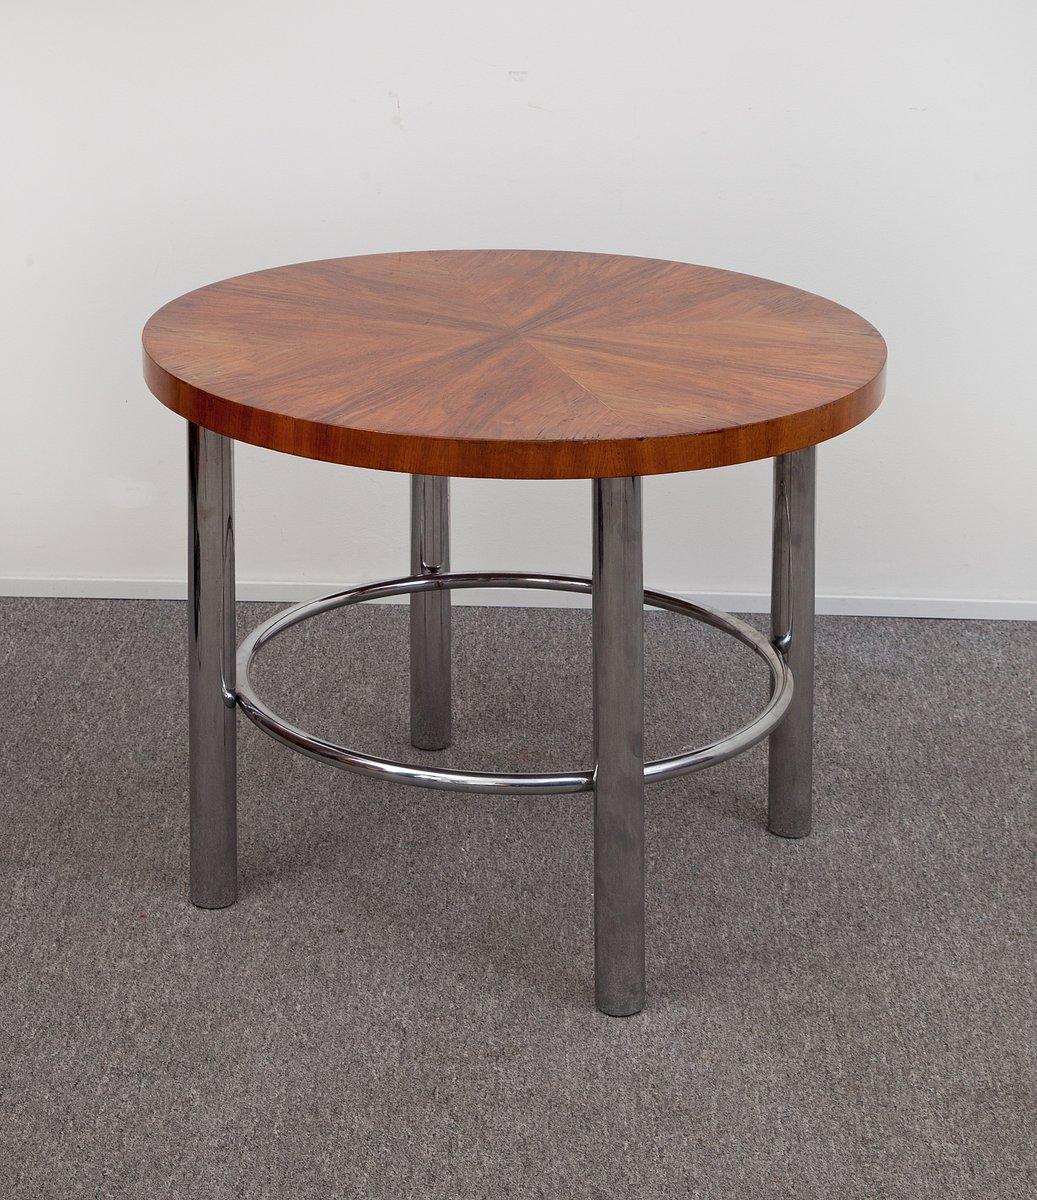 Funktionalistischer vintage tisch bei pamono kaufen for Vintage tisch